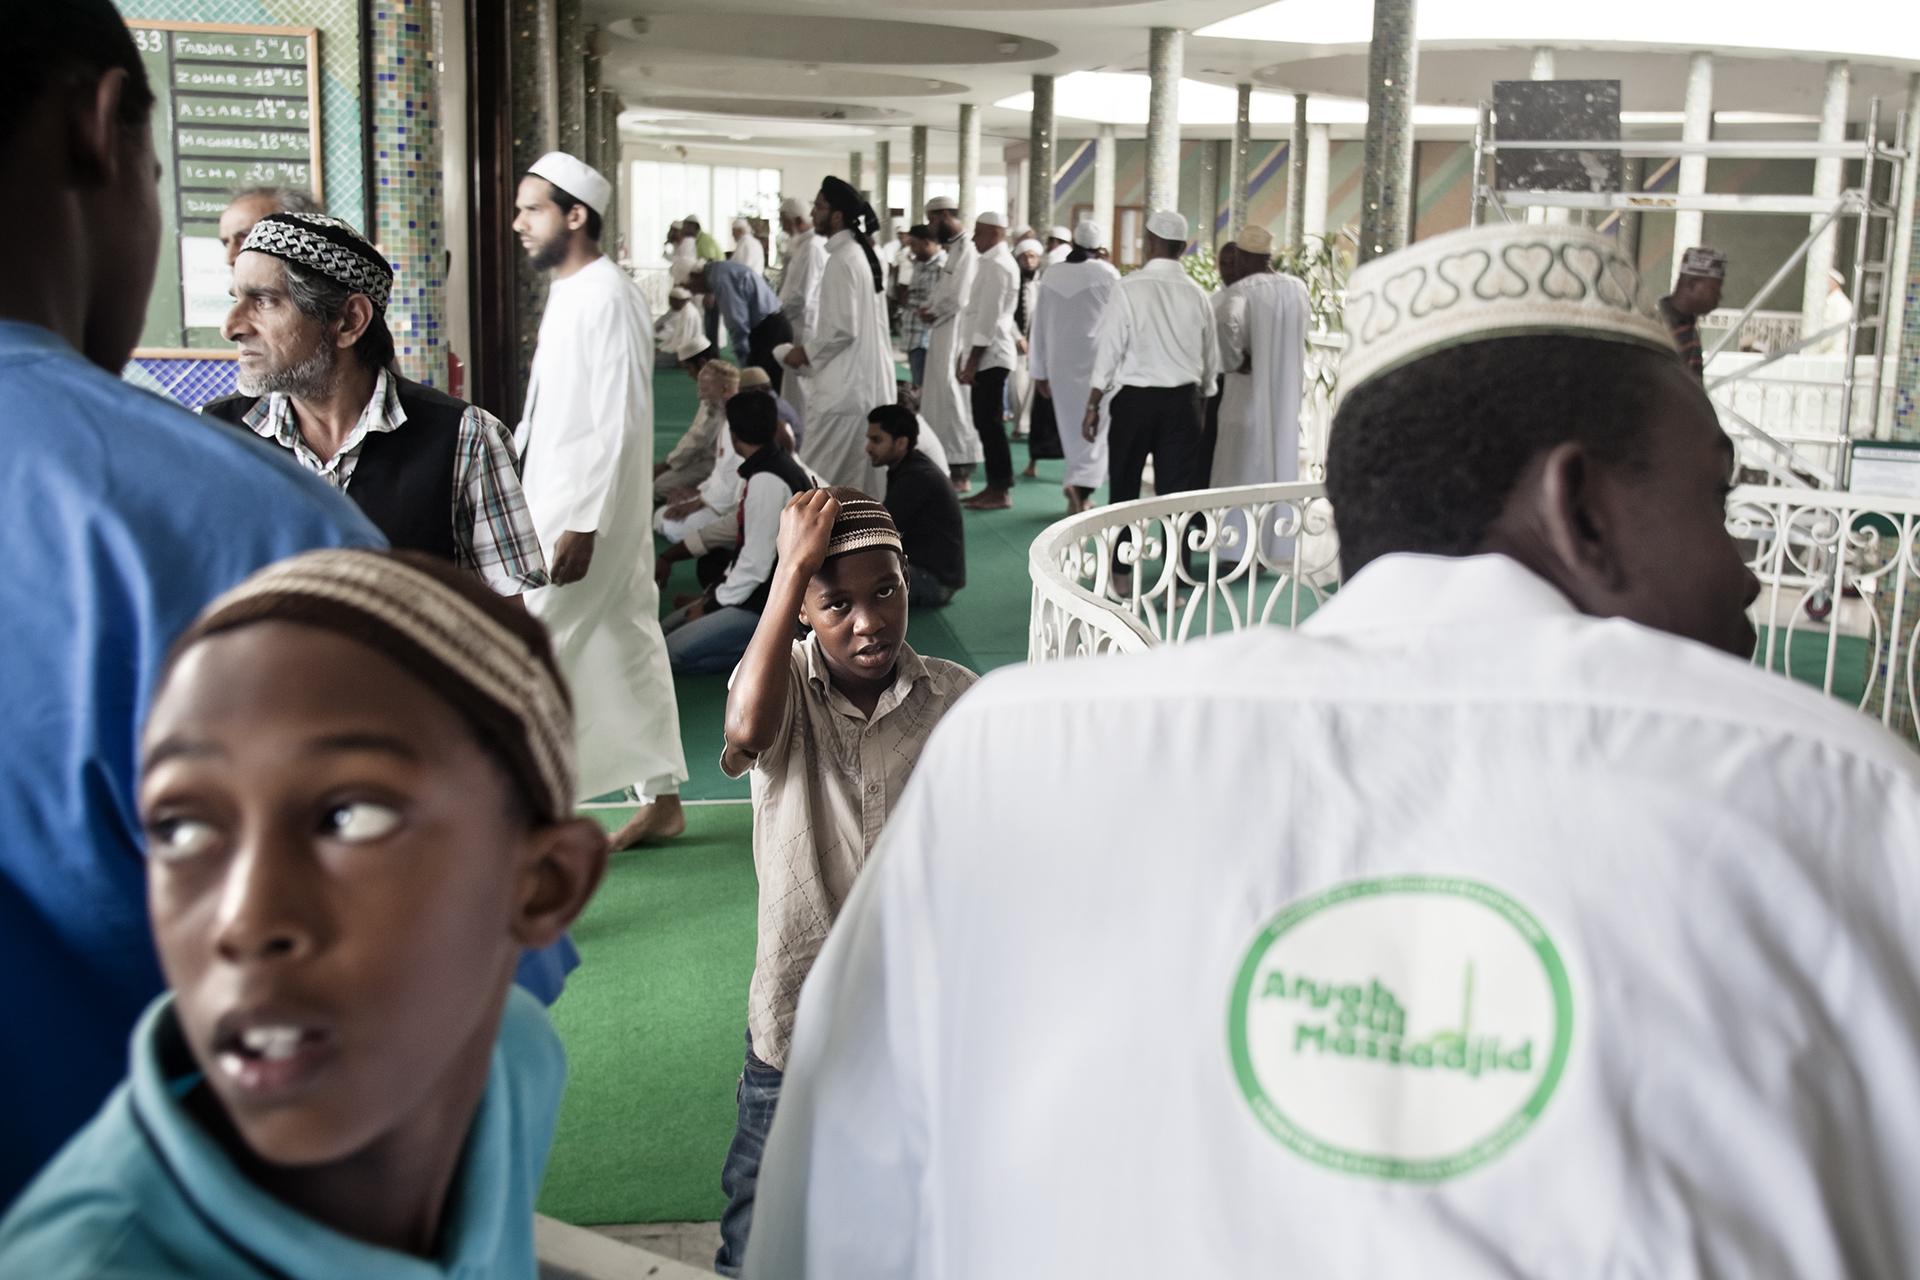 Mosqué de Saint-Pierre, Ile de la Réunion. Octobre 2012.Fin de prière à la mosquée de Saint-Pierre.